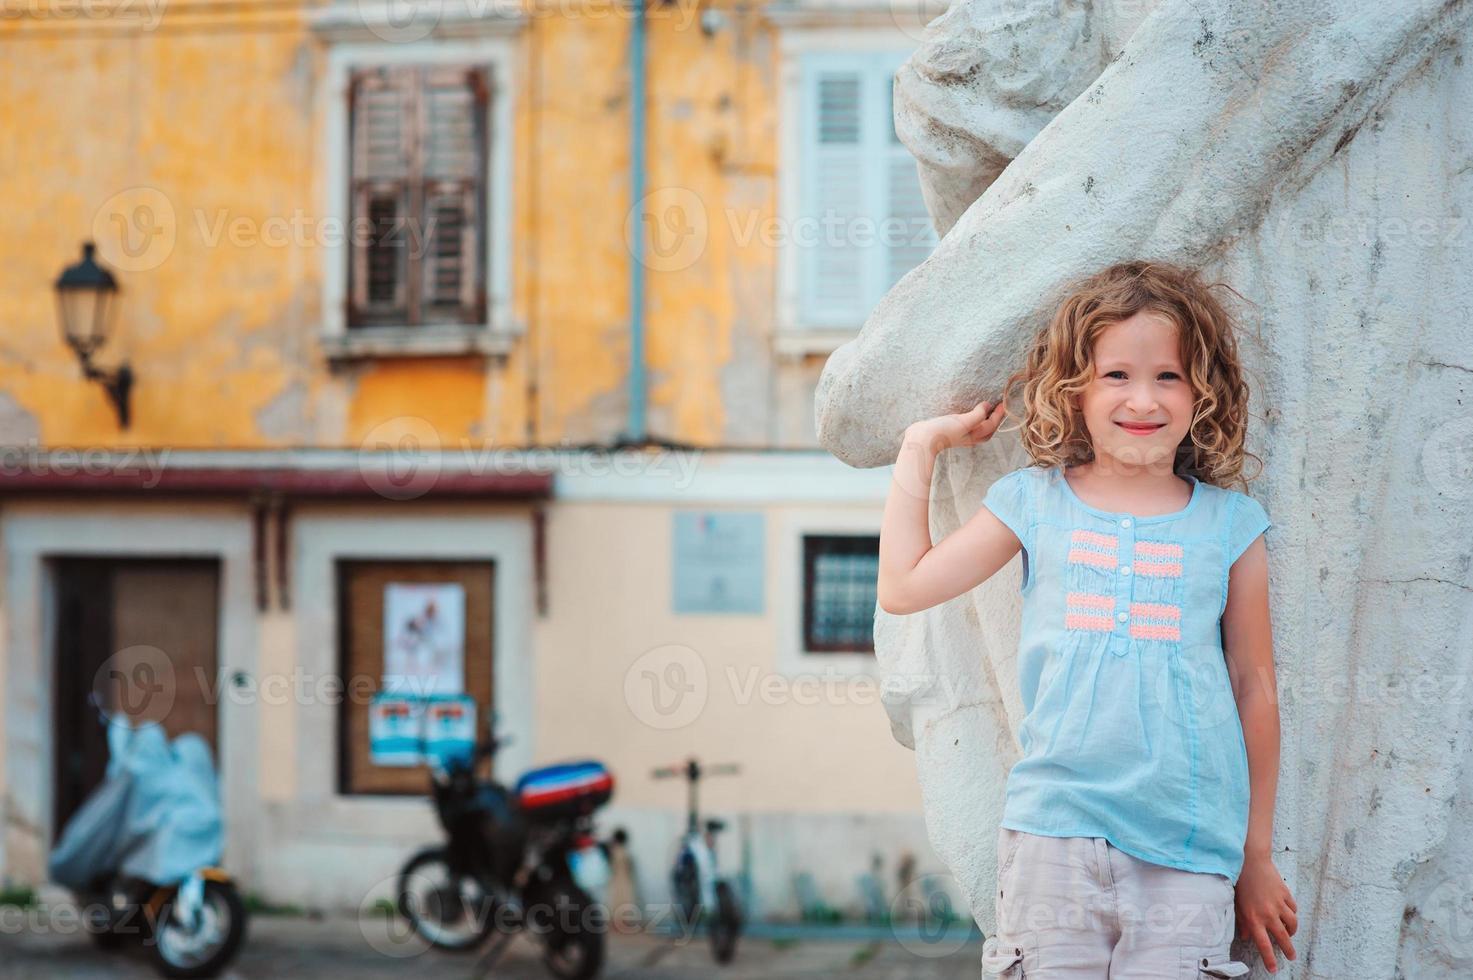 menina criança ourista caminhando nas ruas de Piran, Eslovênia foto